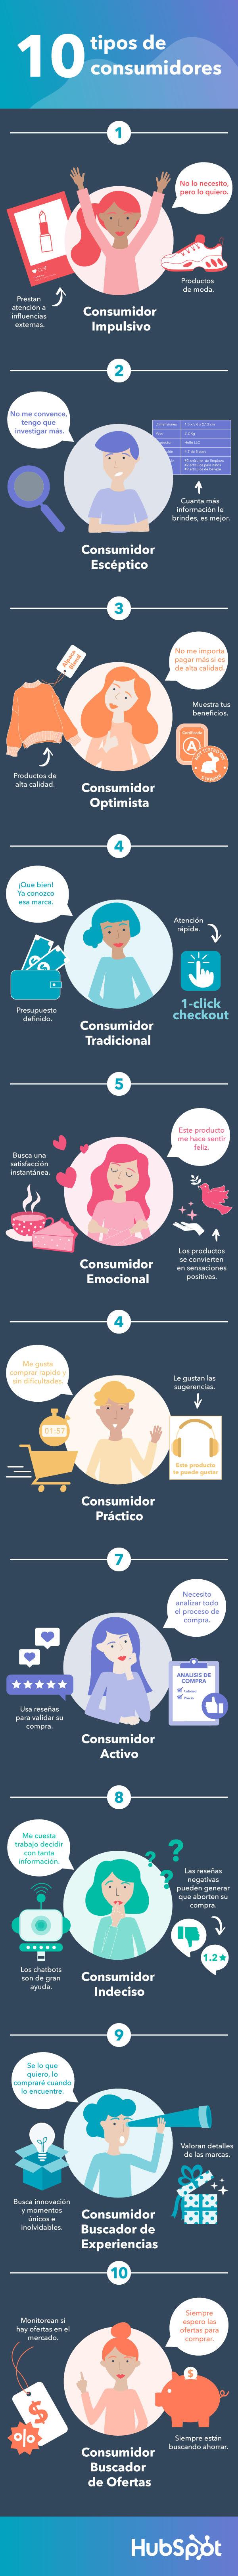 Los 10 tipos de consumidores